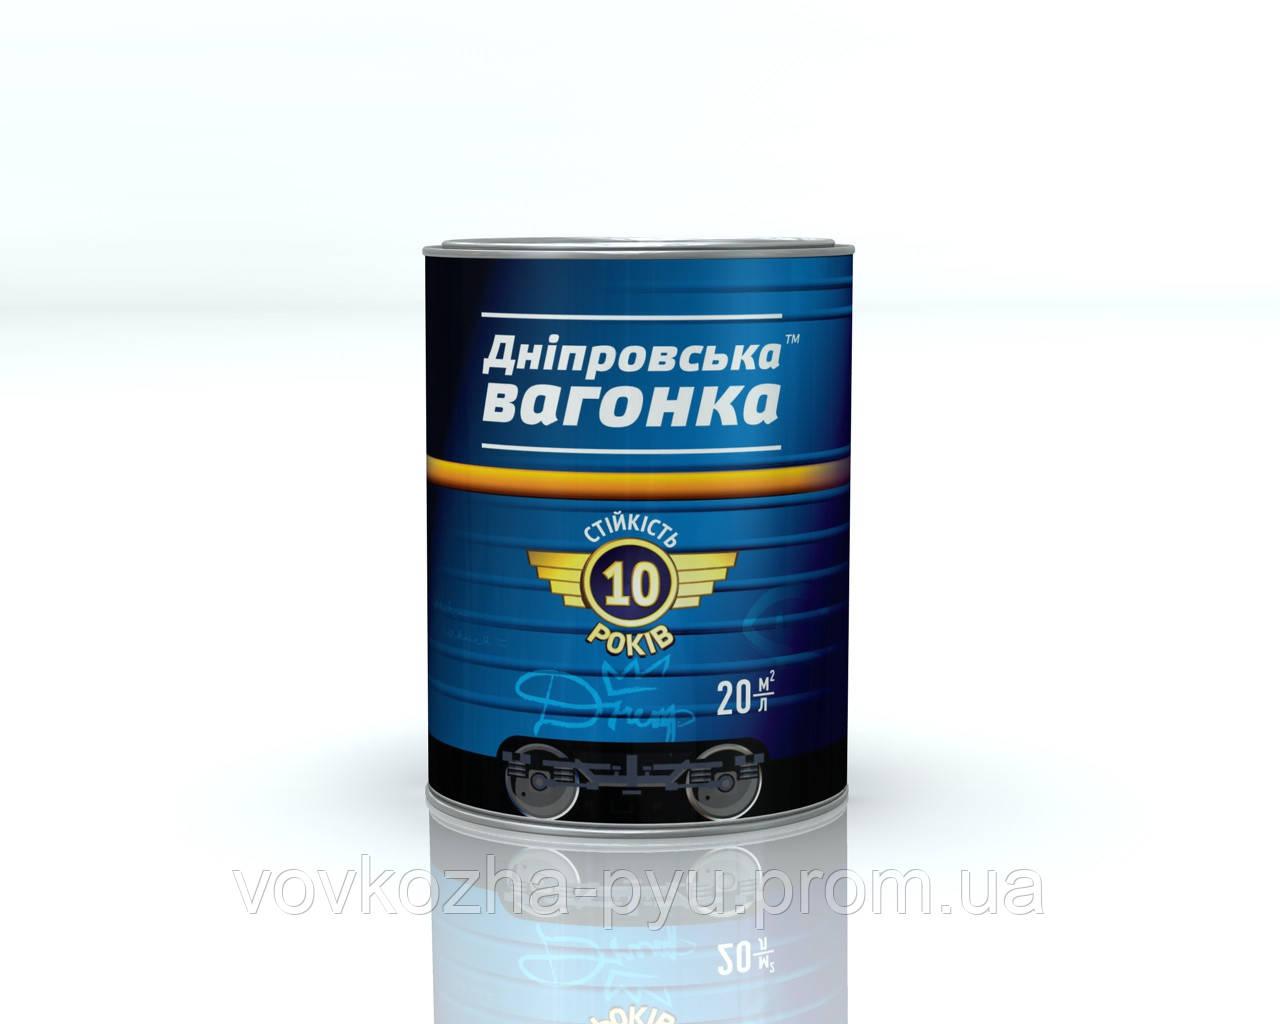 Эмаль Днепровская Вагонка ПФ-133 св.серый лак 2.3 кг